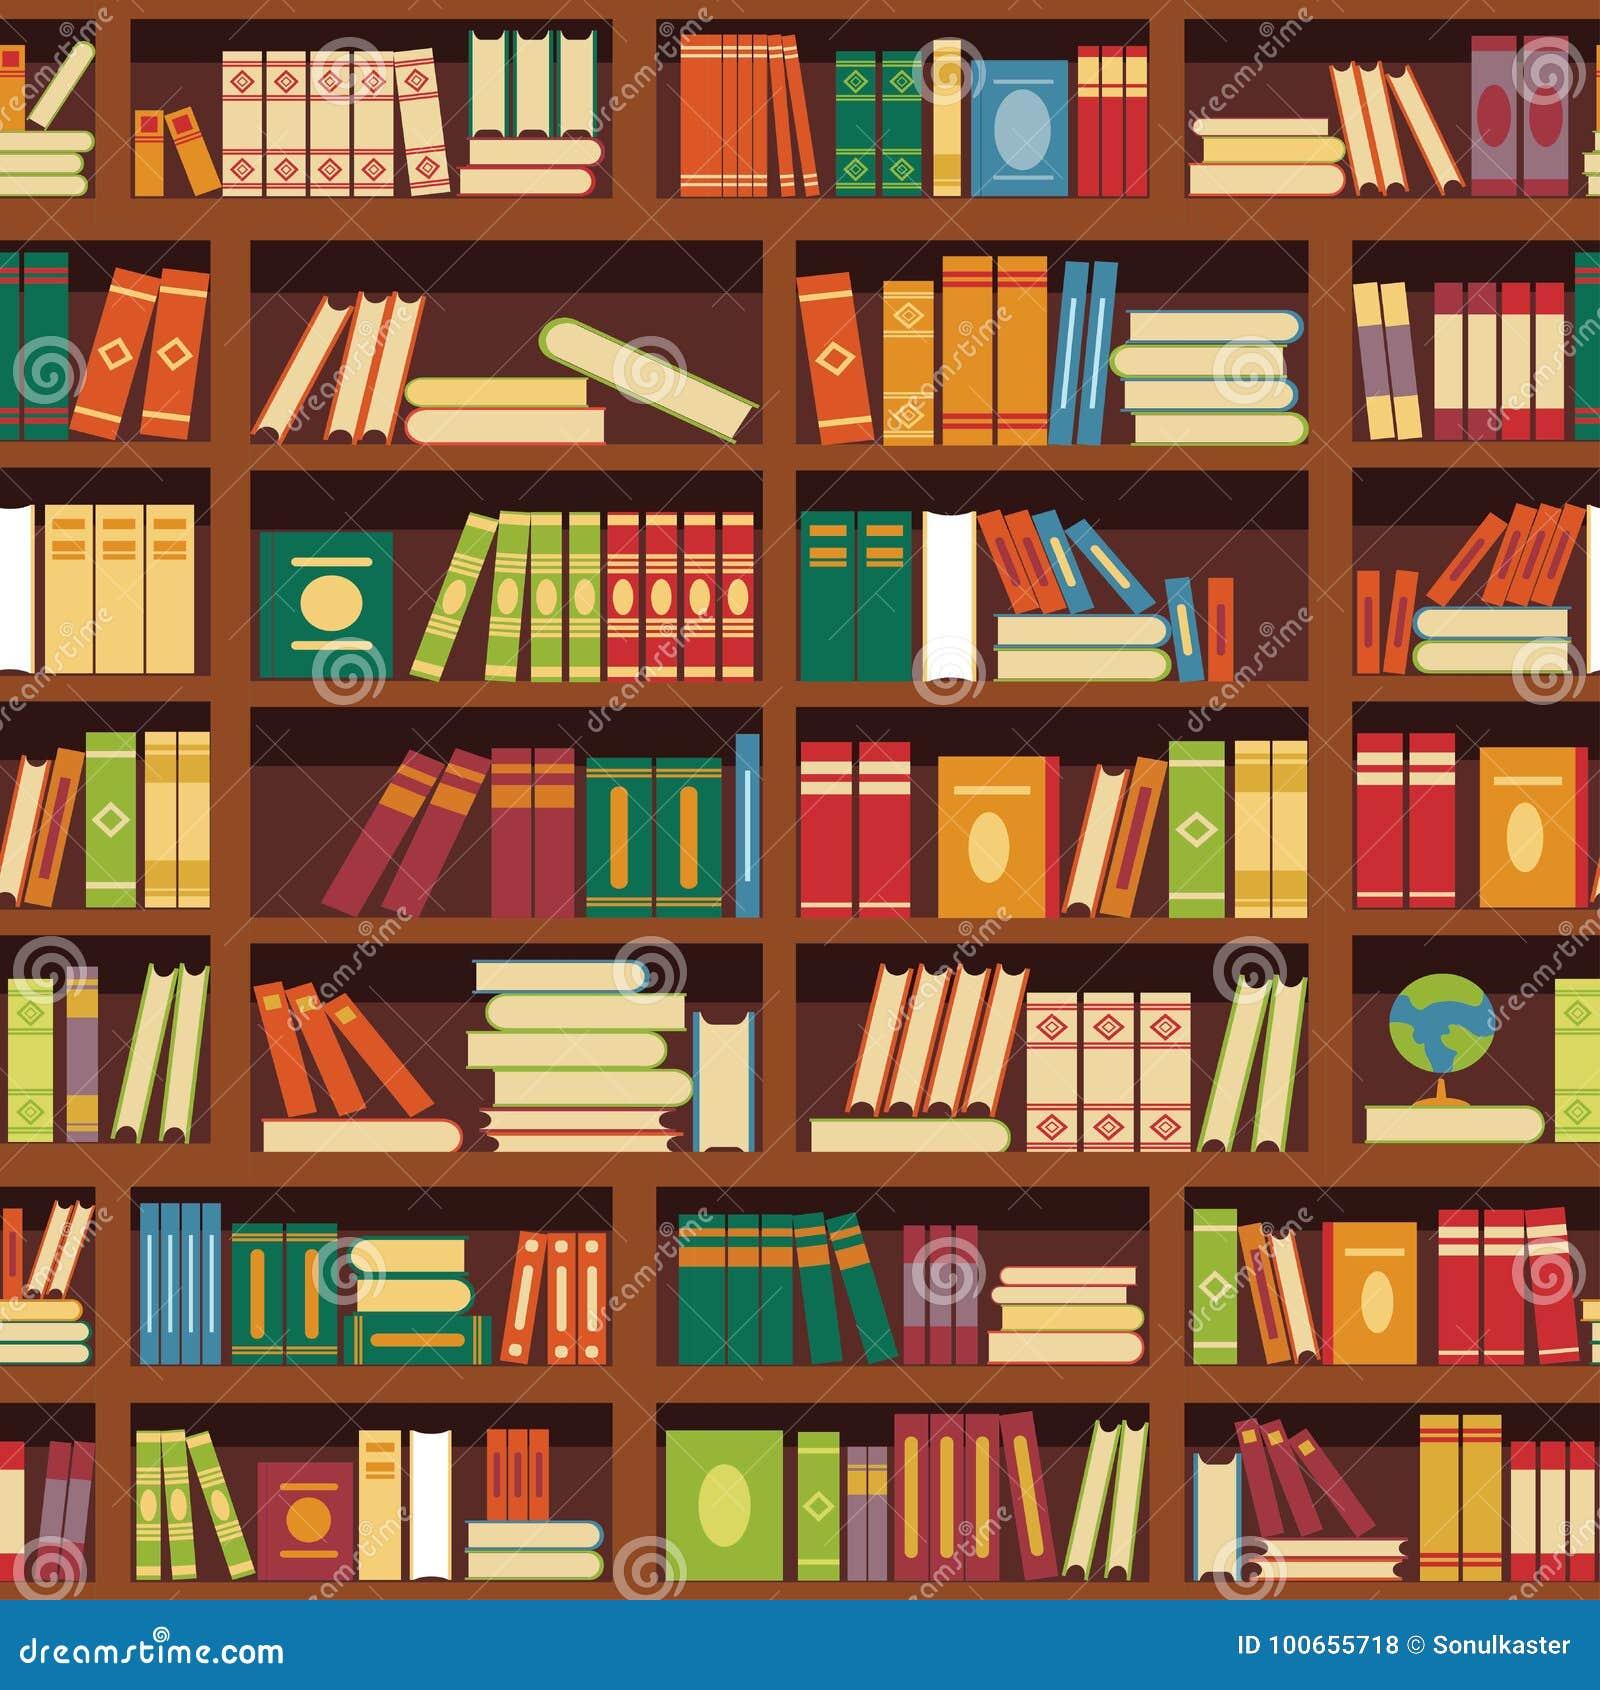 Bucht nahtloses Vektormuster des Bibliotheksbuchregals der Literatur